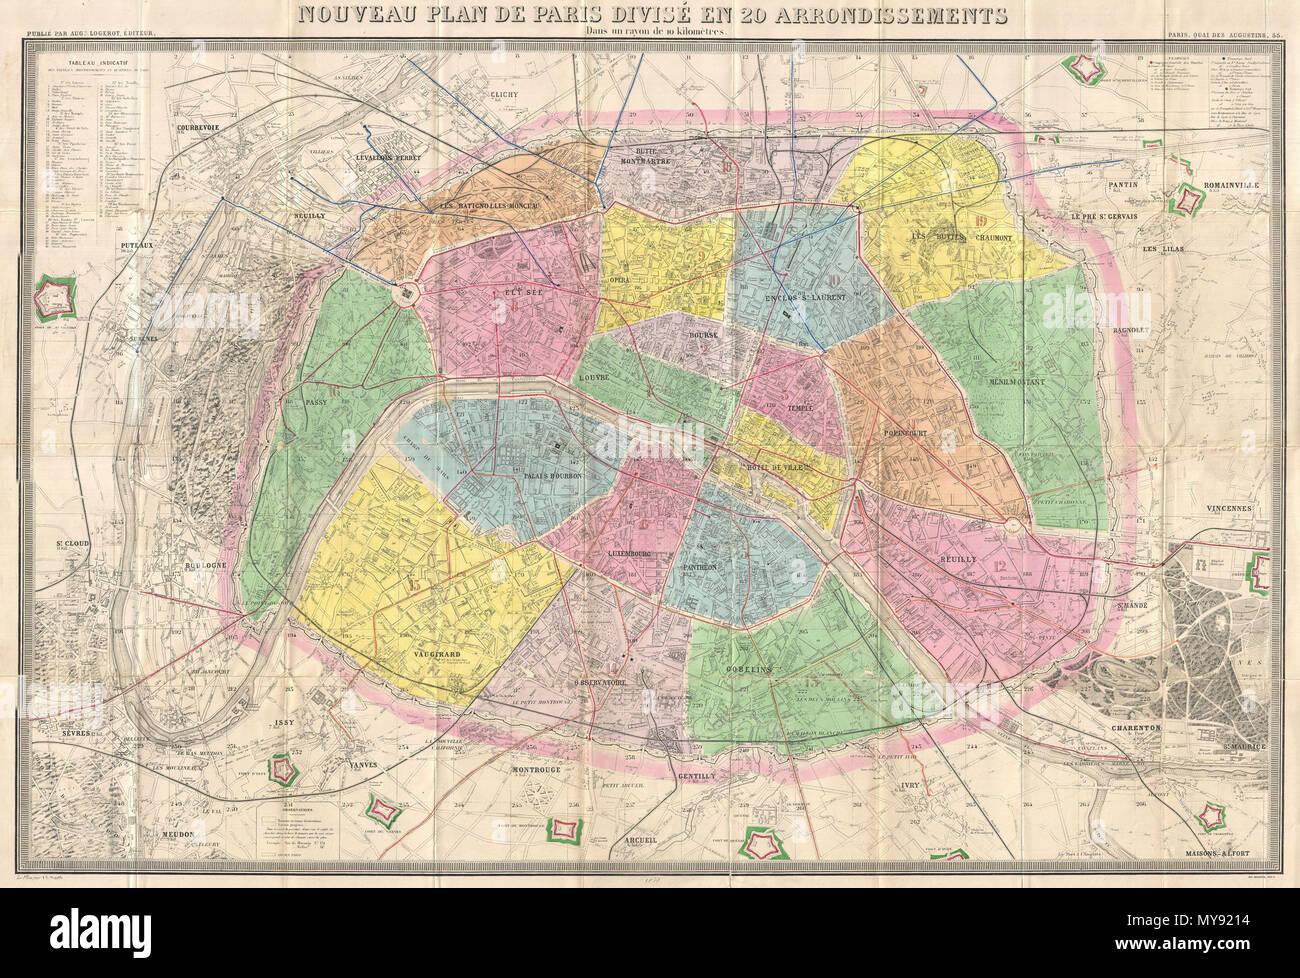 Nouveau Plan De Paris Divise En 20 Arrondissements Dans Un